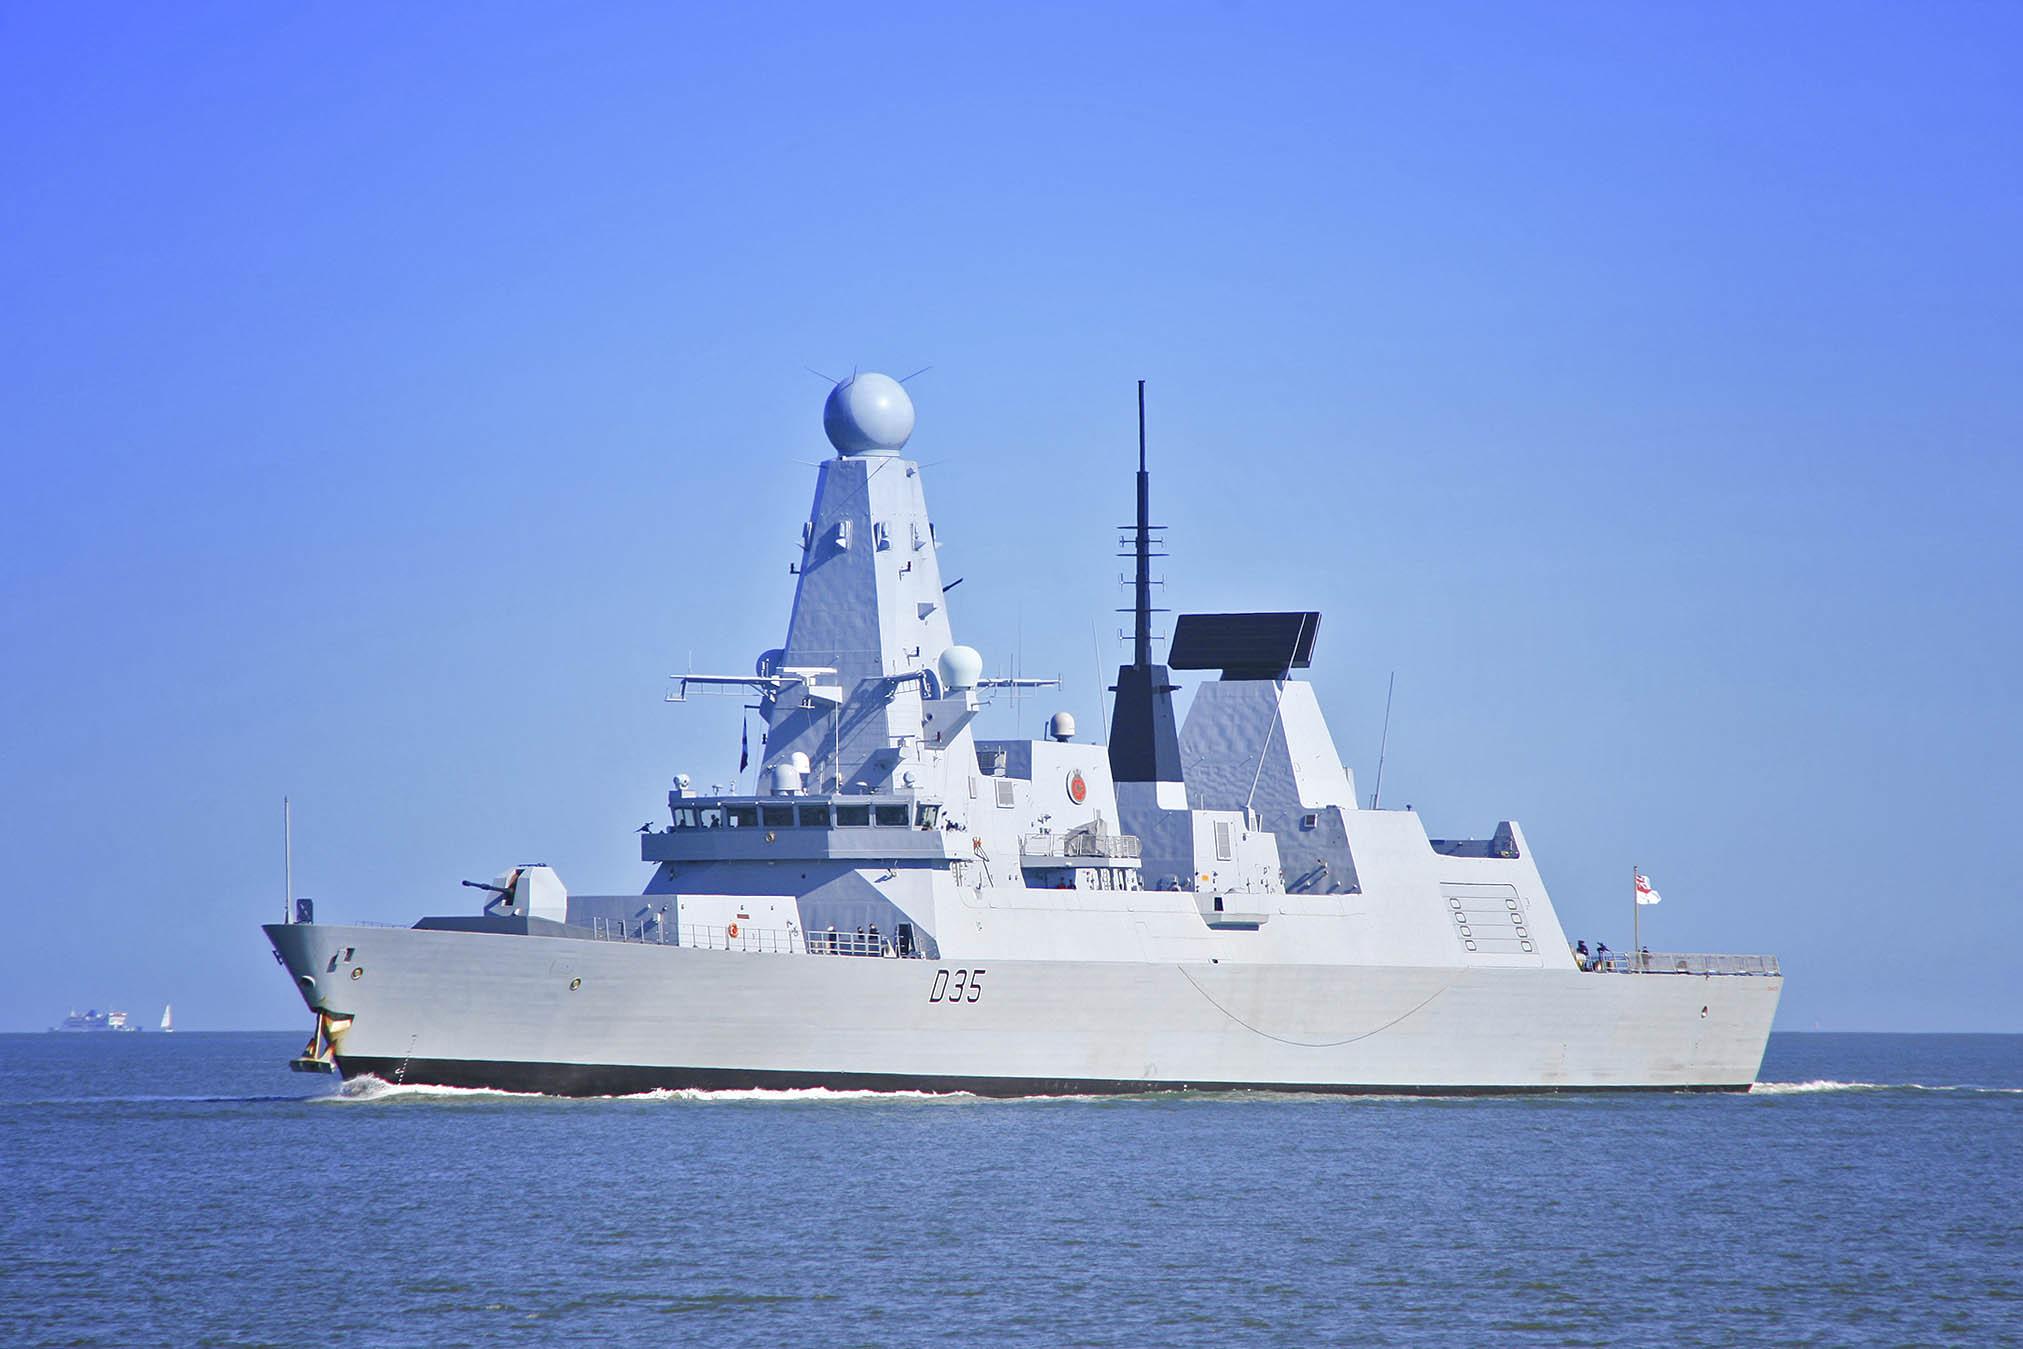 """احدث الصفقات العسكرية البحرية للدول العربية """" موضوع مجمع """" - صفحة 2 HMS_Dragon-1"""